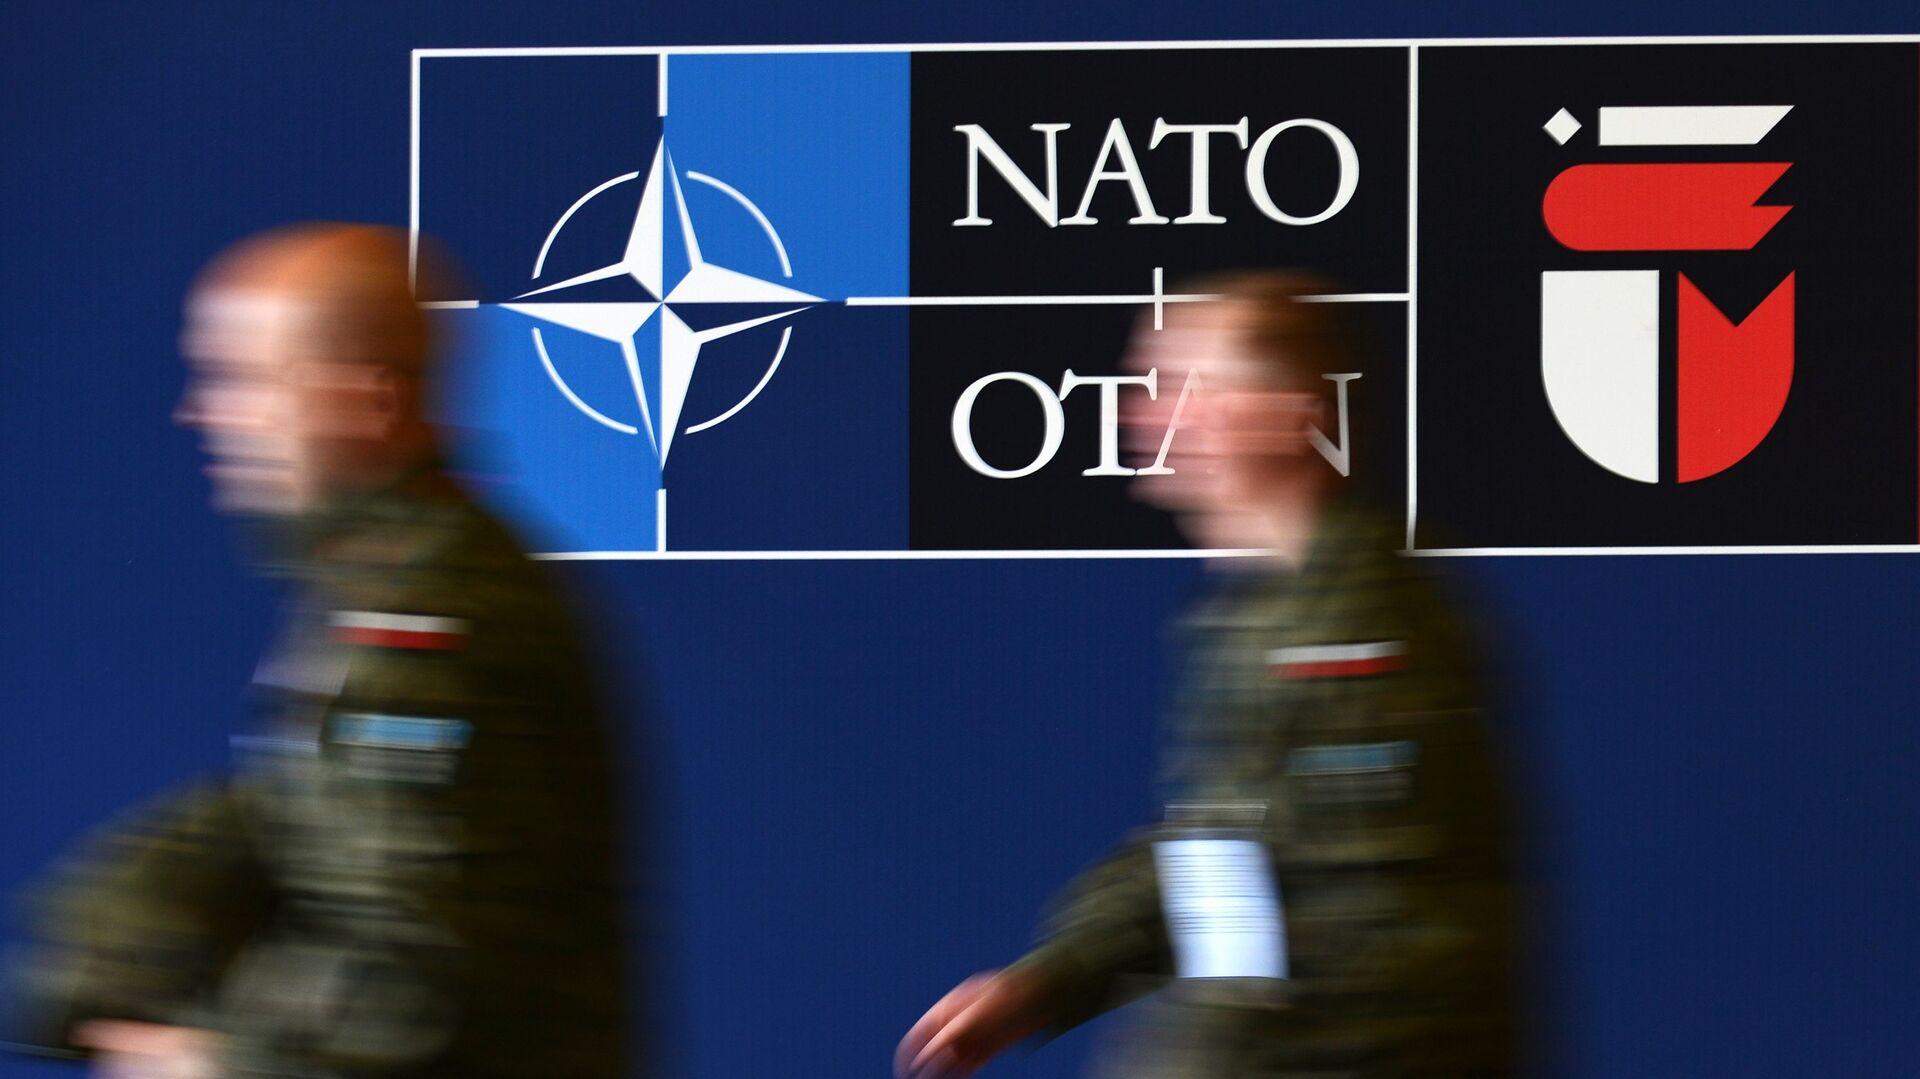 Мужчины у баннера саммита НАТО на Национальном стадионе в Варшаве - Sputnik Латвия, 1920, 15.06.2021